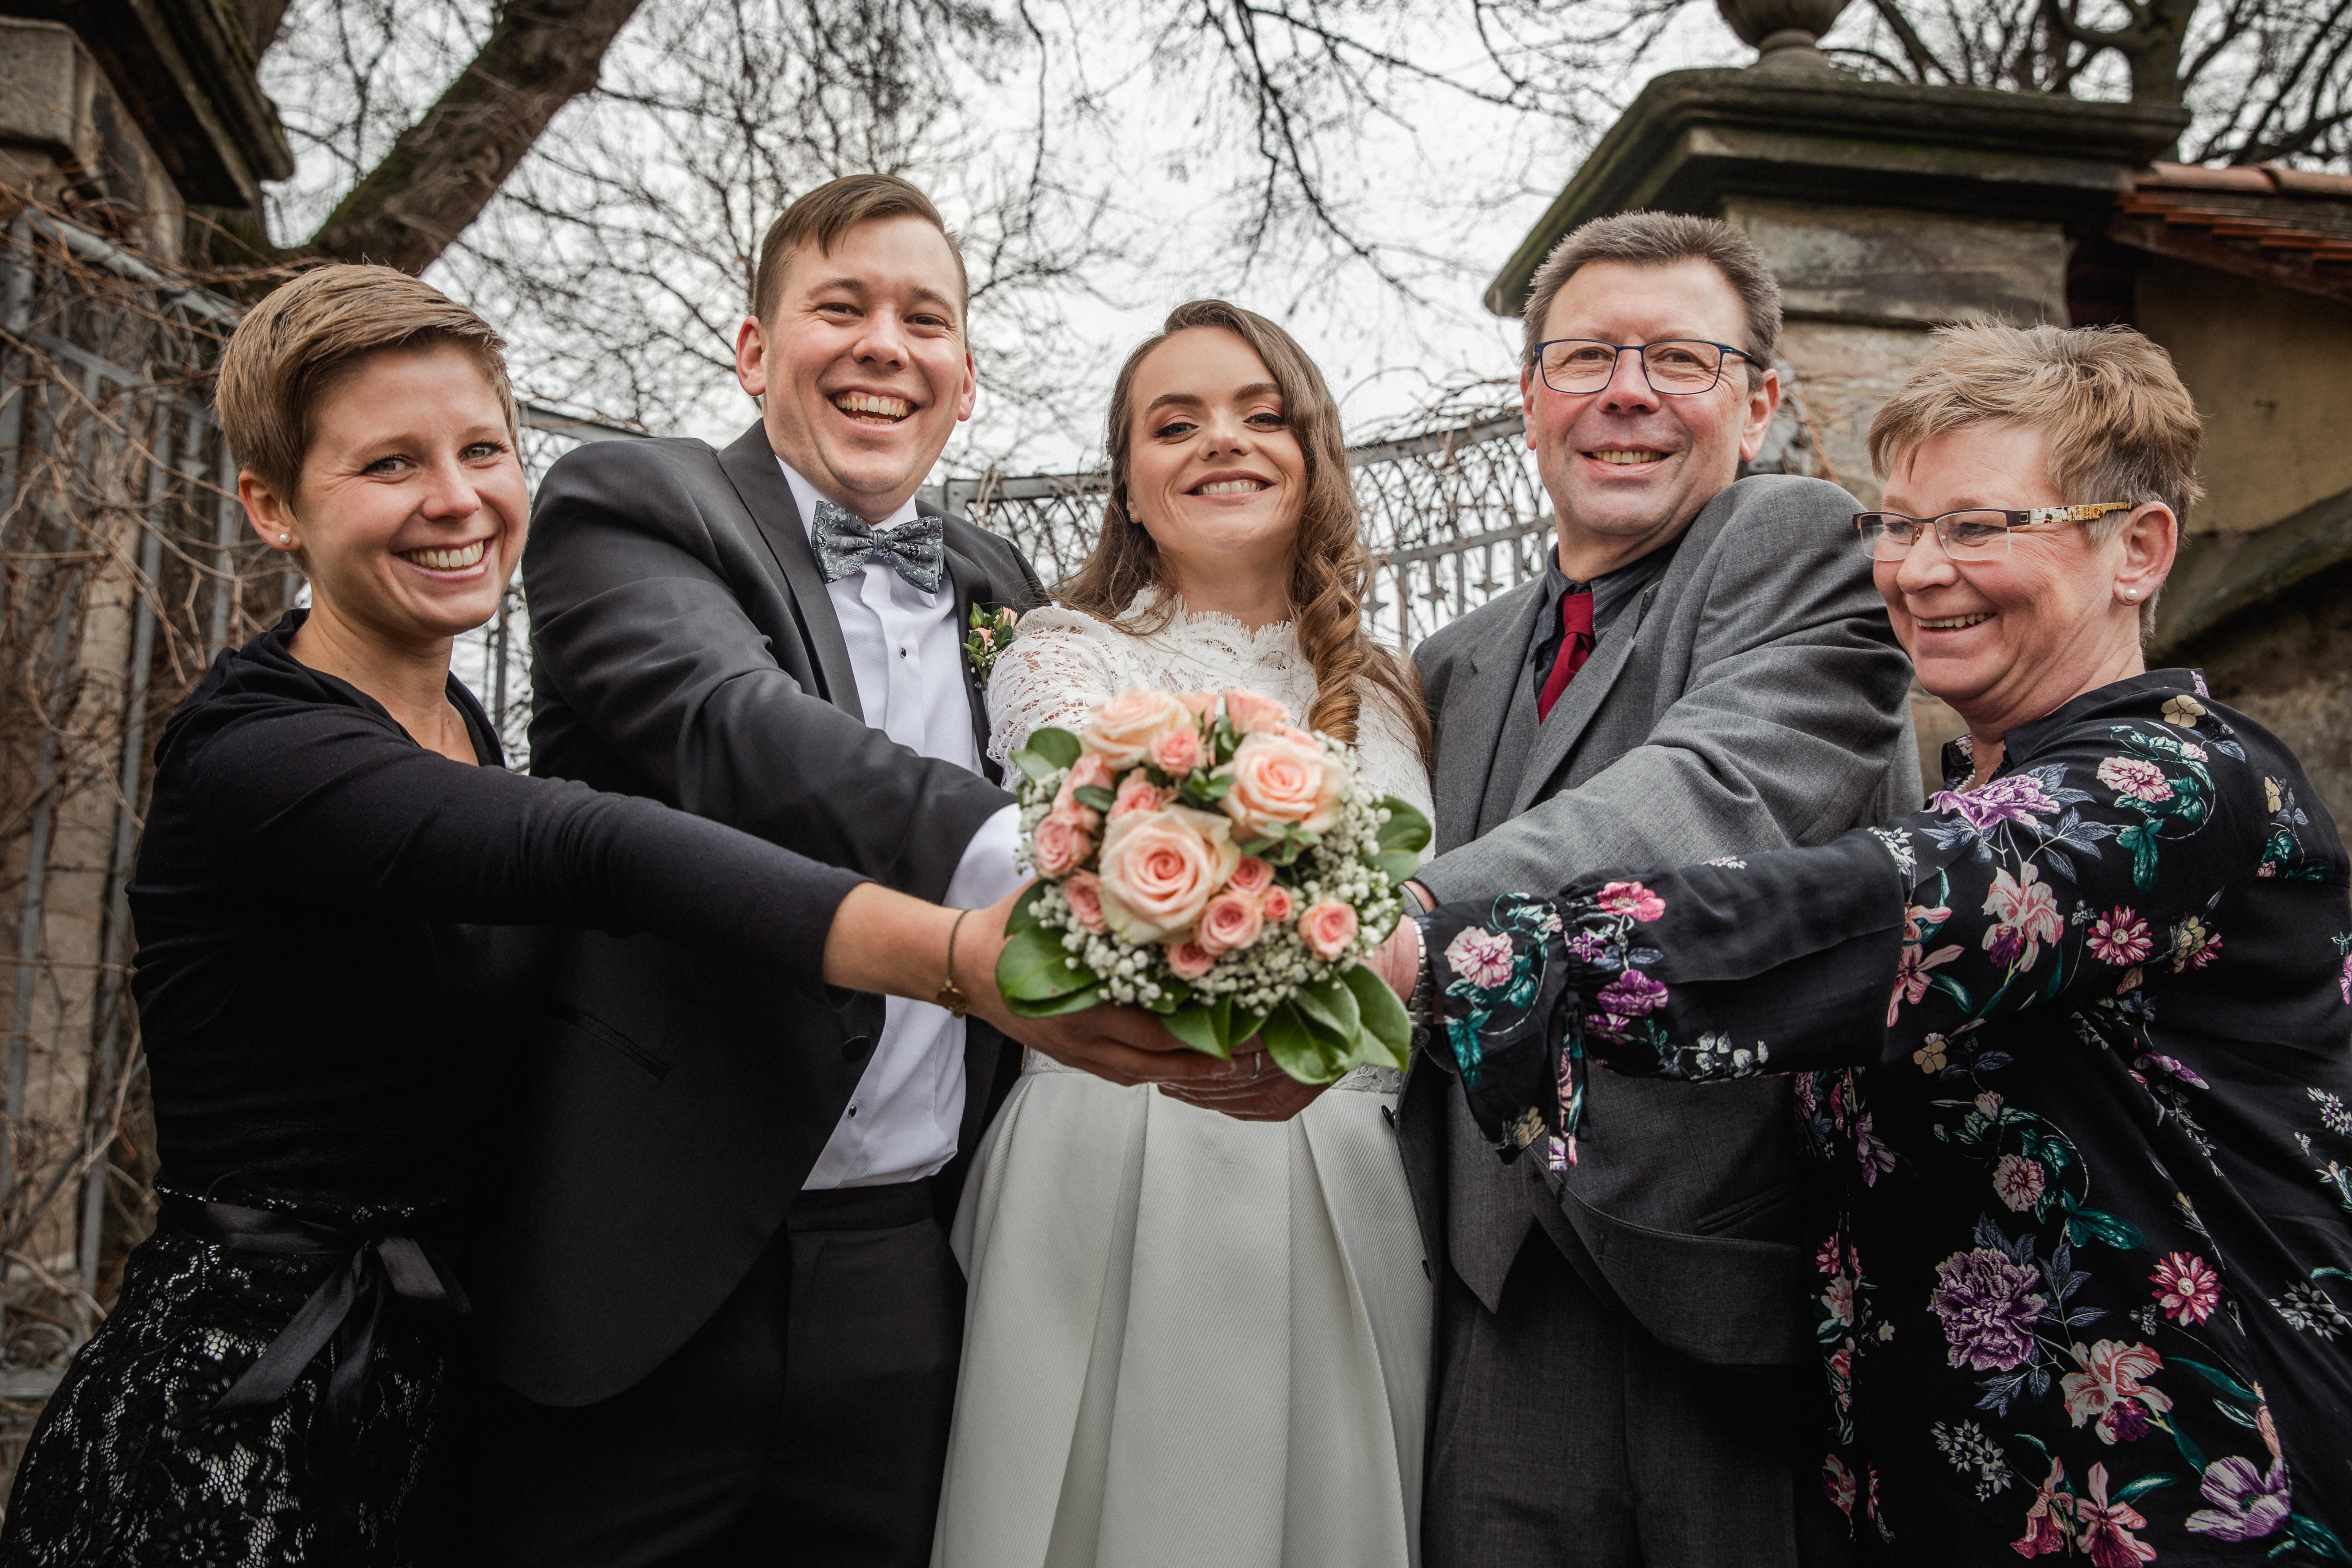 Hochzeitsfotograf-Grossgruendlach-Standesamt-Hallerschloss-Urbanerie-Stazija-und-Michael-078